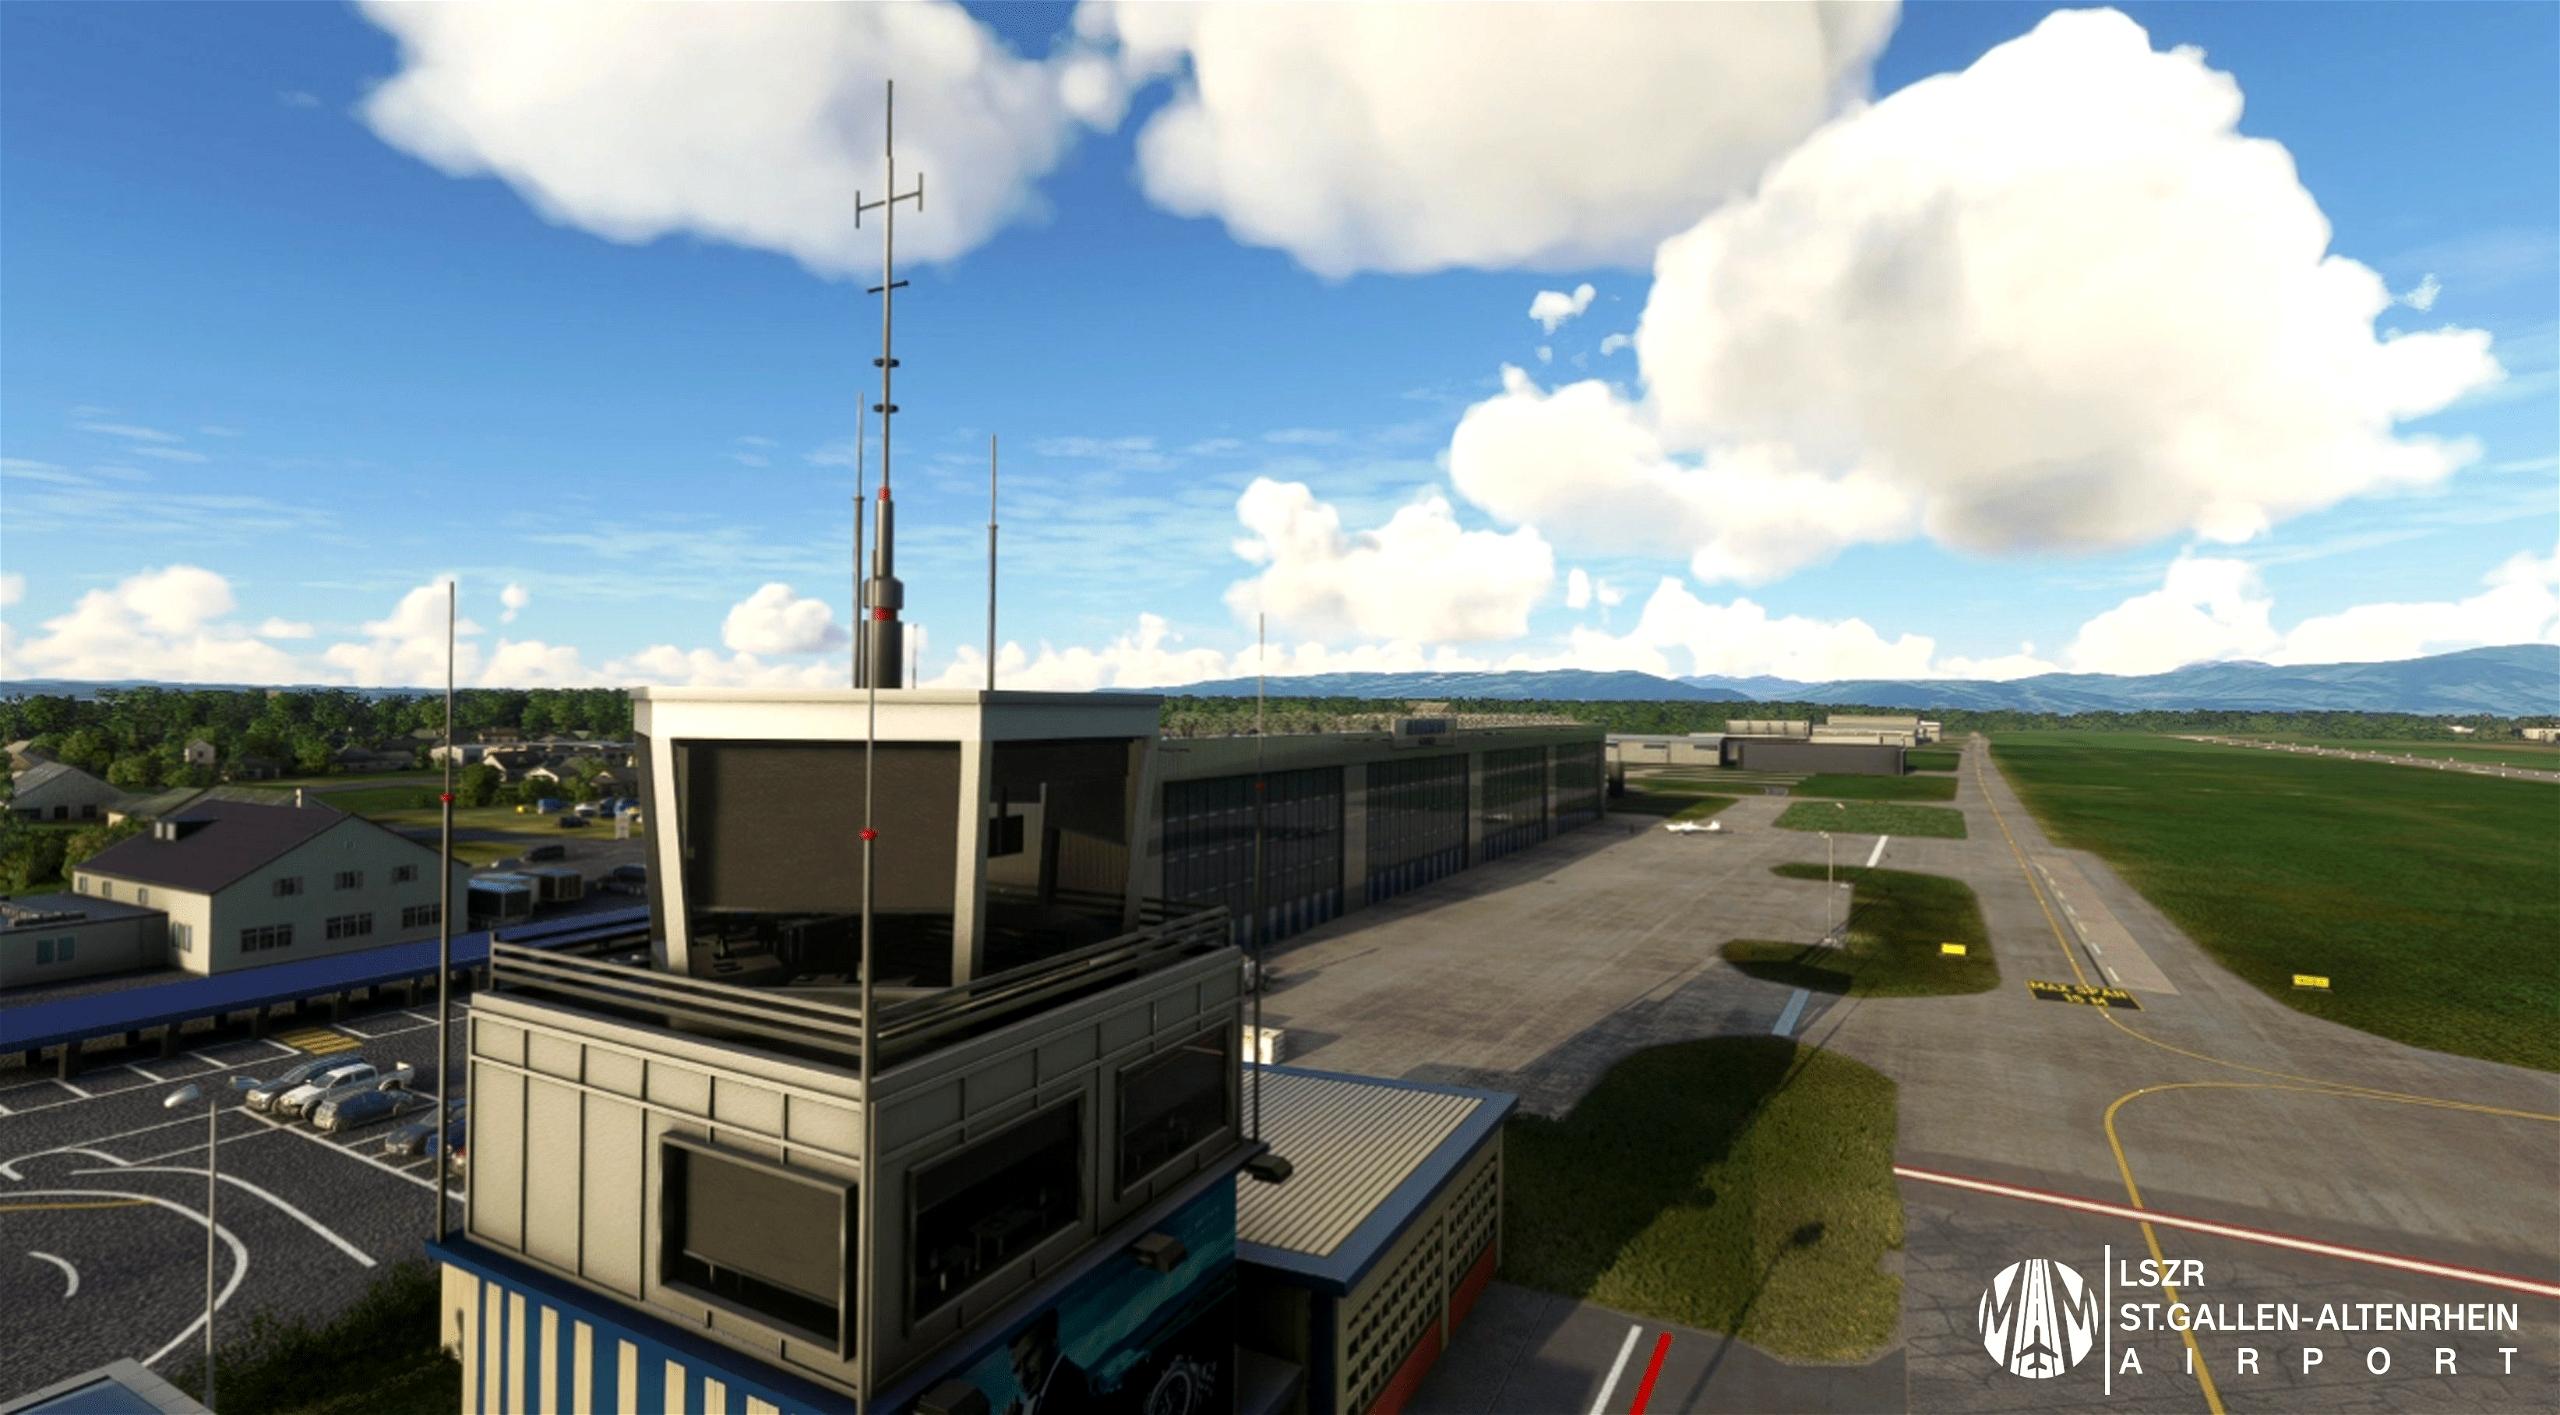 LSZR St.Gallen-Altenrhein Airport Microsoft Flight Simulator